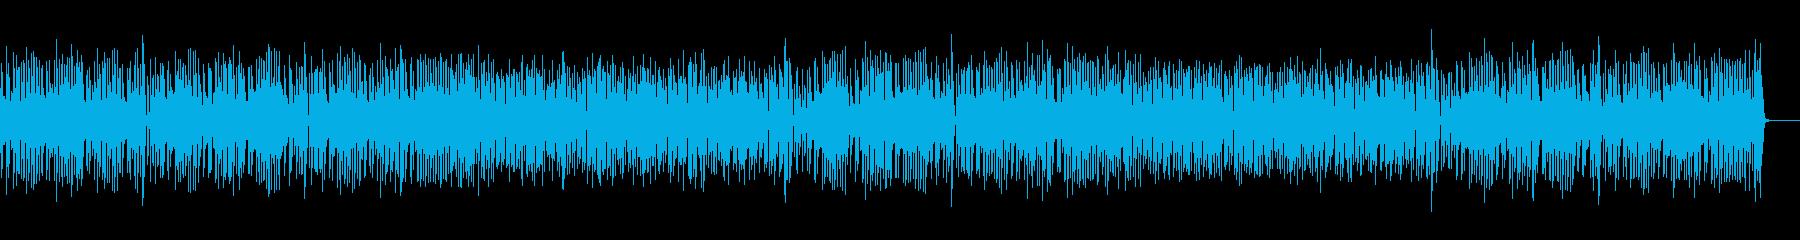 【メロ無し】楽しくわいわいするようなカンの再生済みの波形